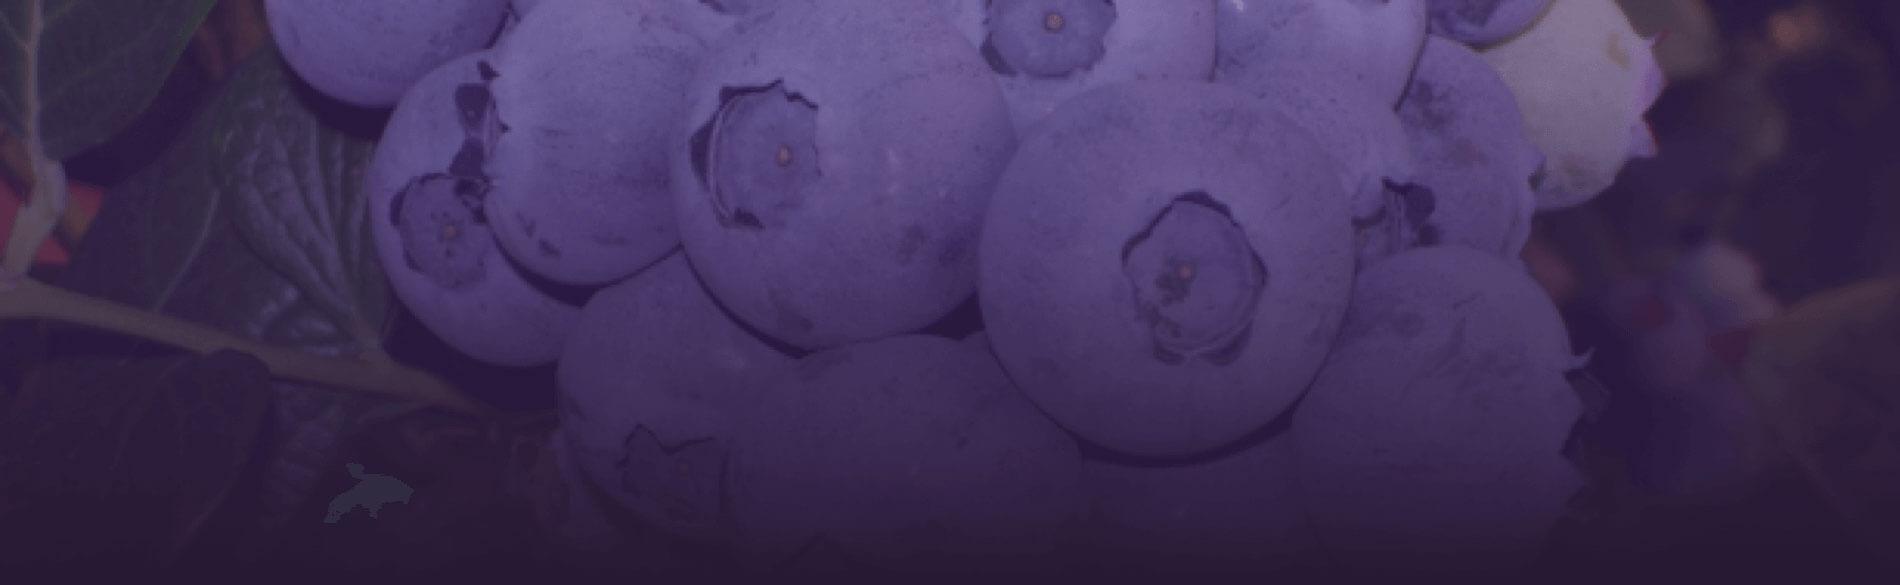 Venta online de plantas de arándanos y frutos rojos